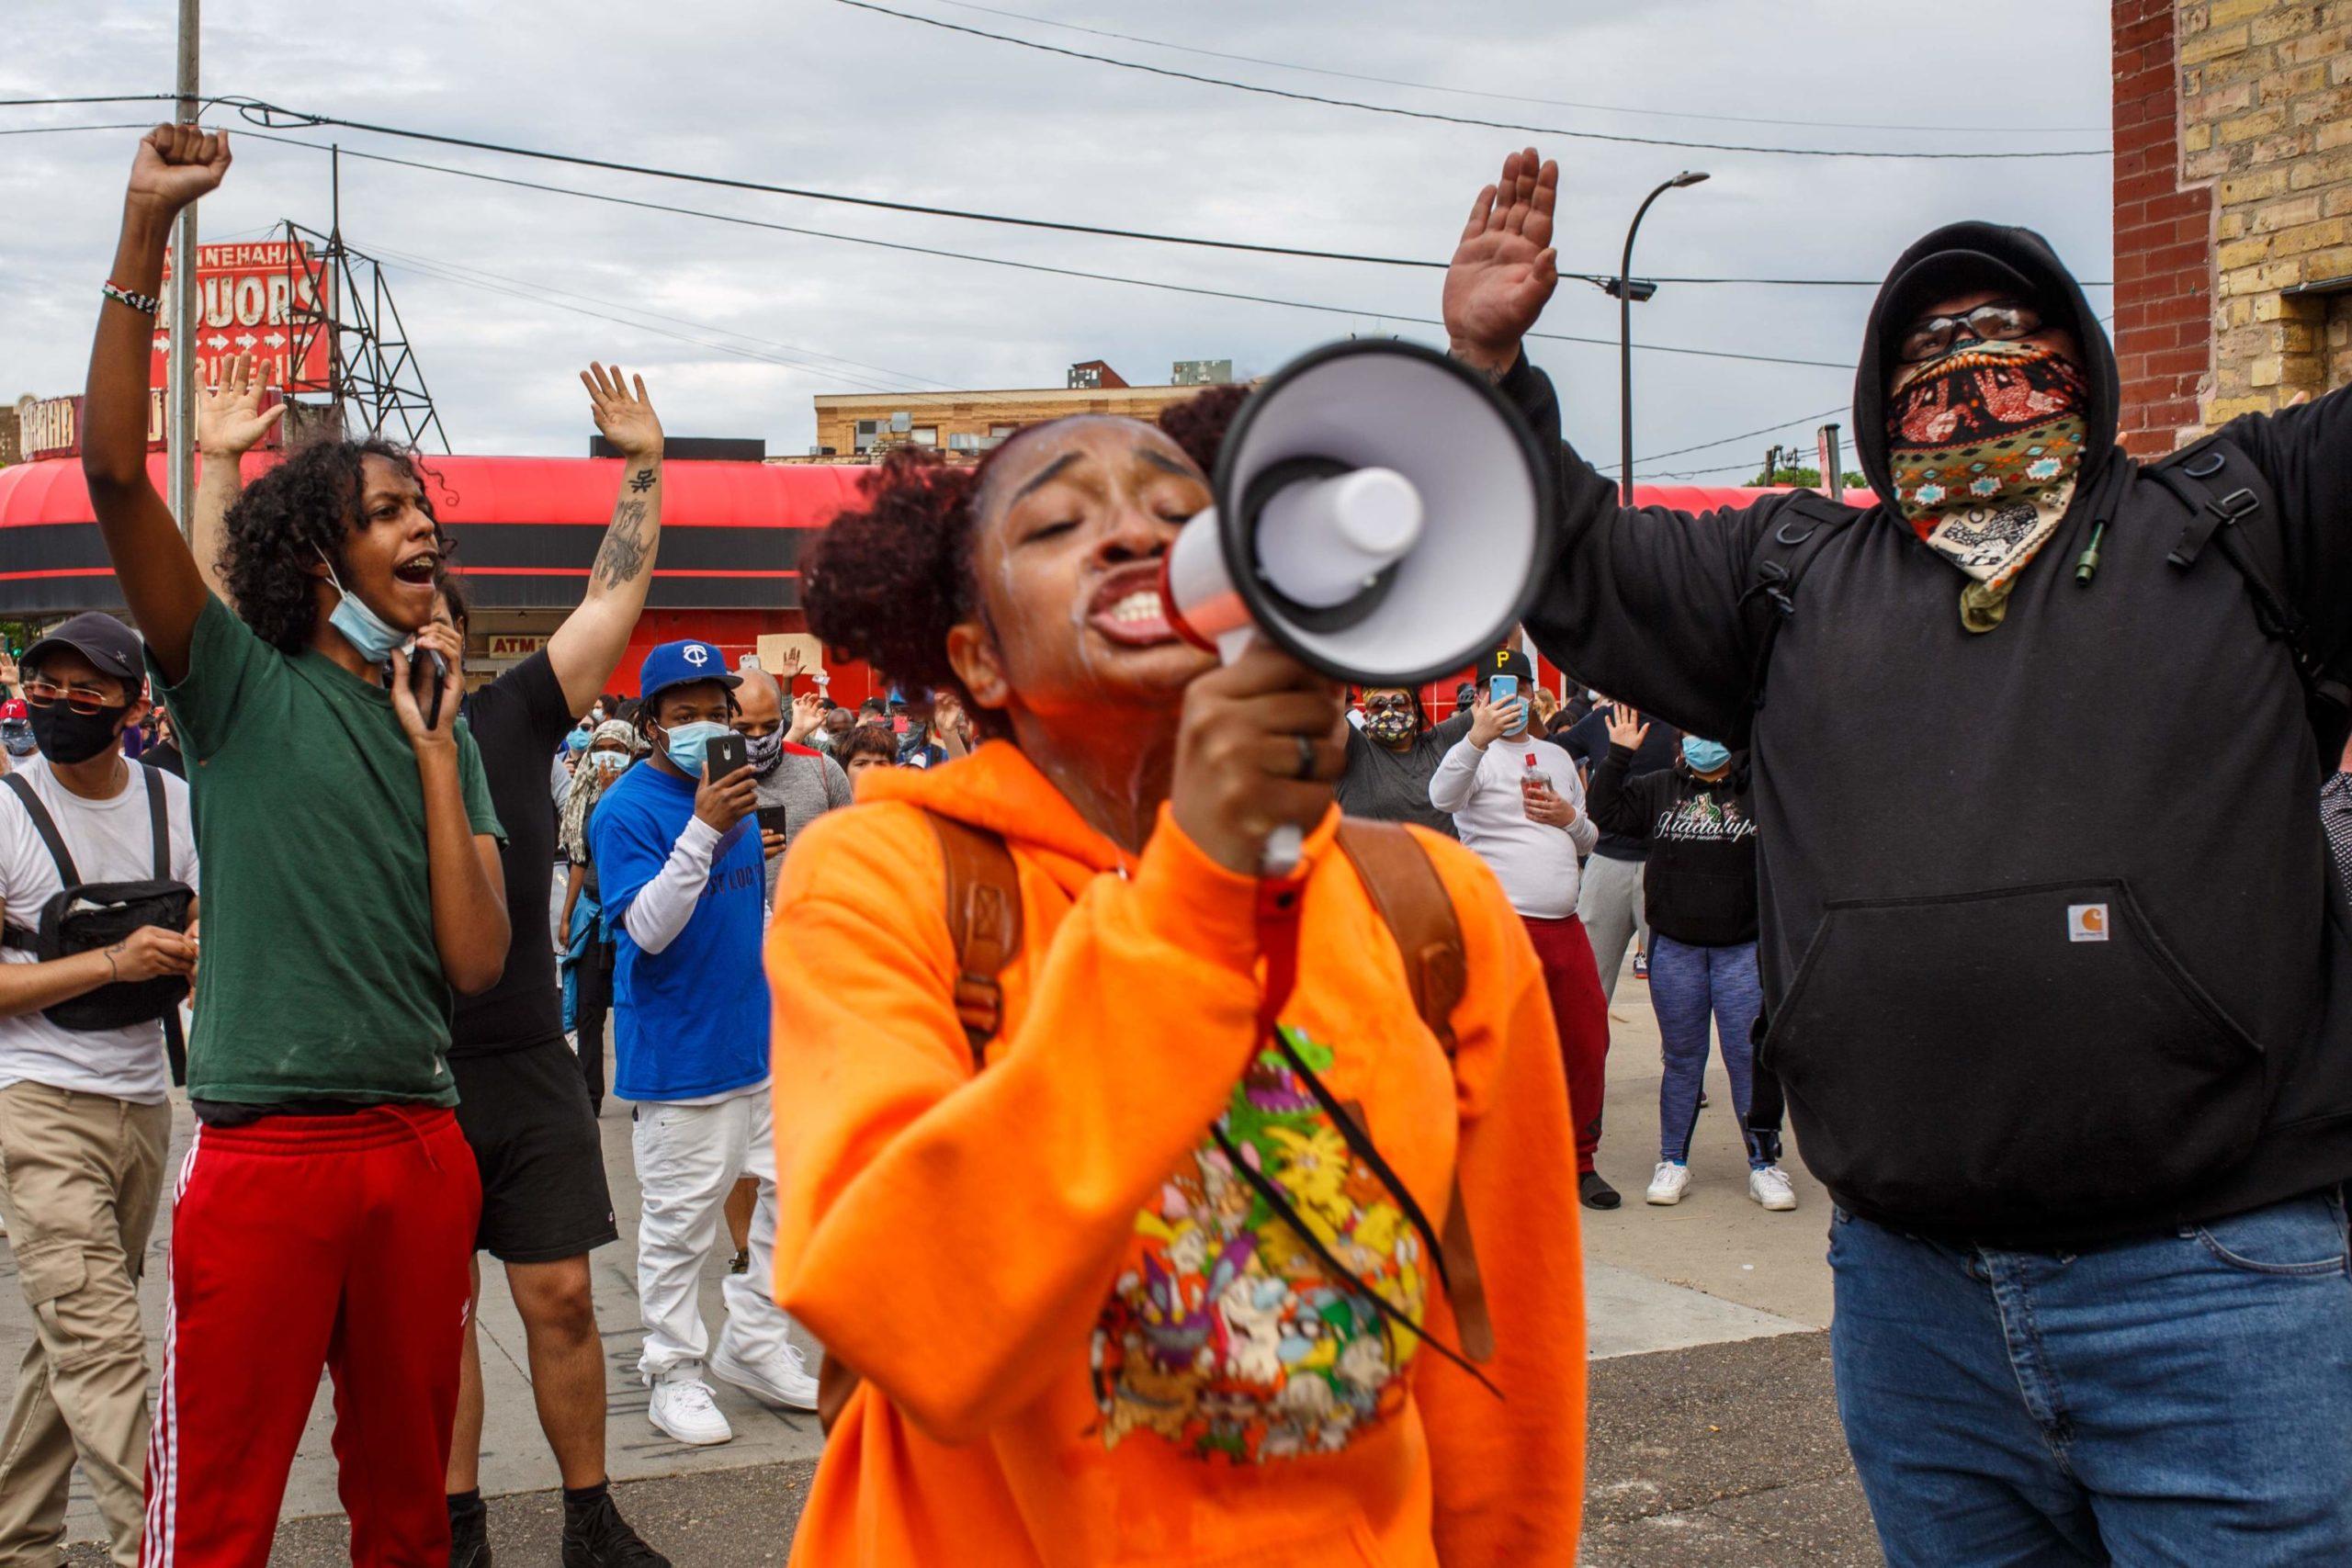 Una ragazza protesta per la morte di George Floyd